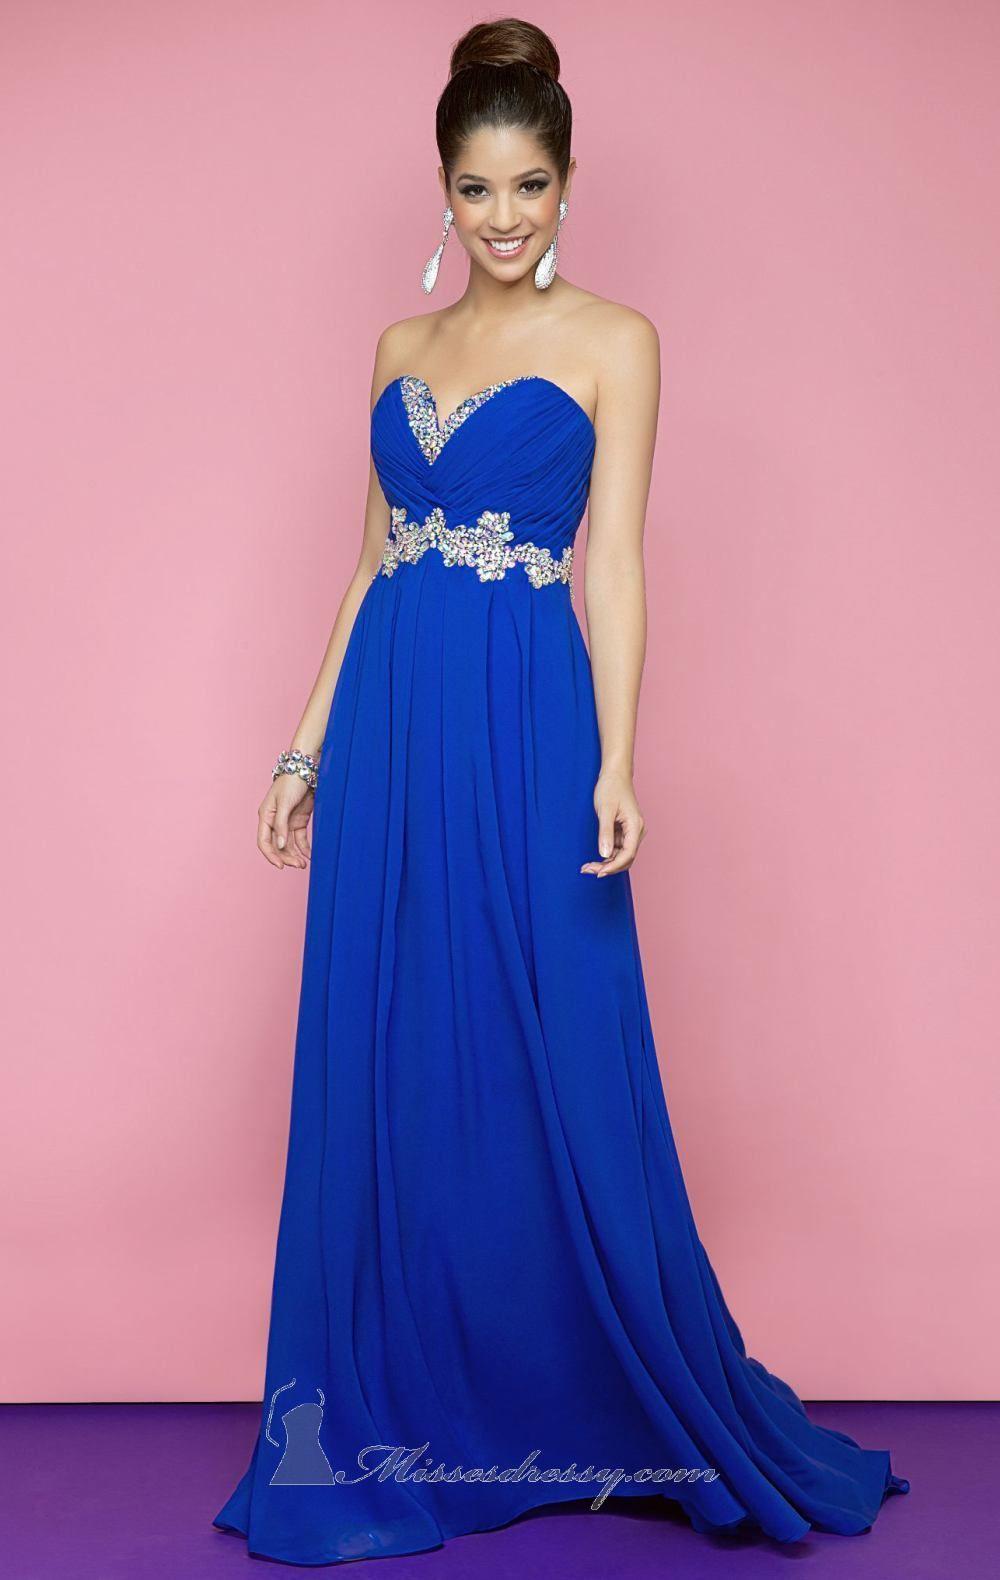 Alexia 9616 | Prom Dresses | Pinterest | Vestidos para eventos ...